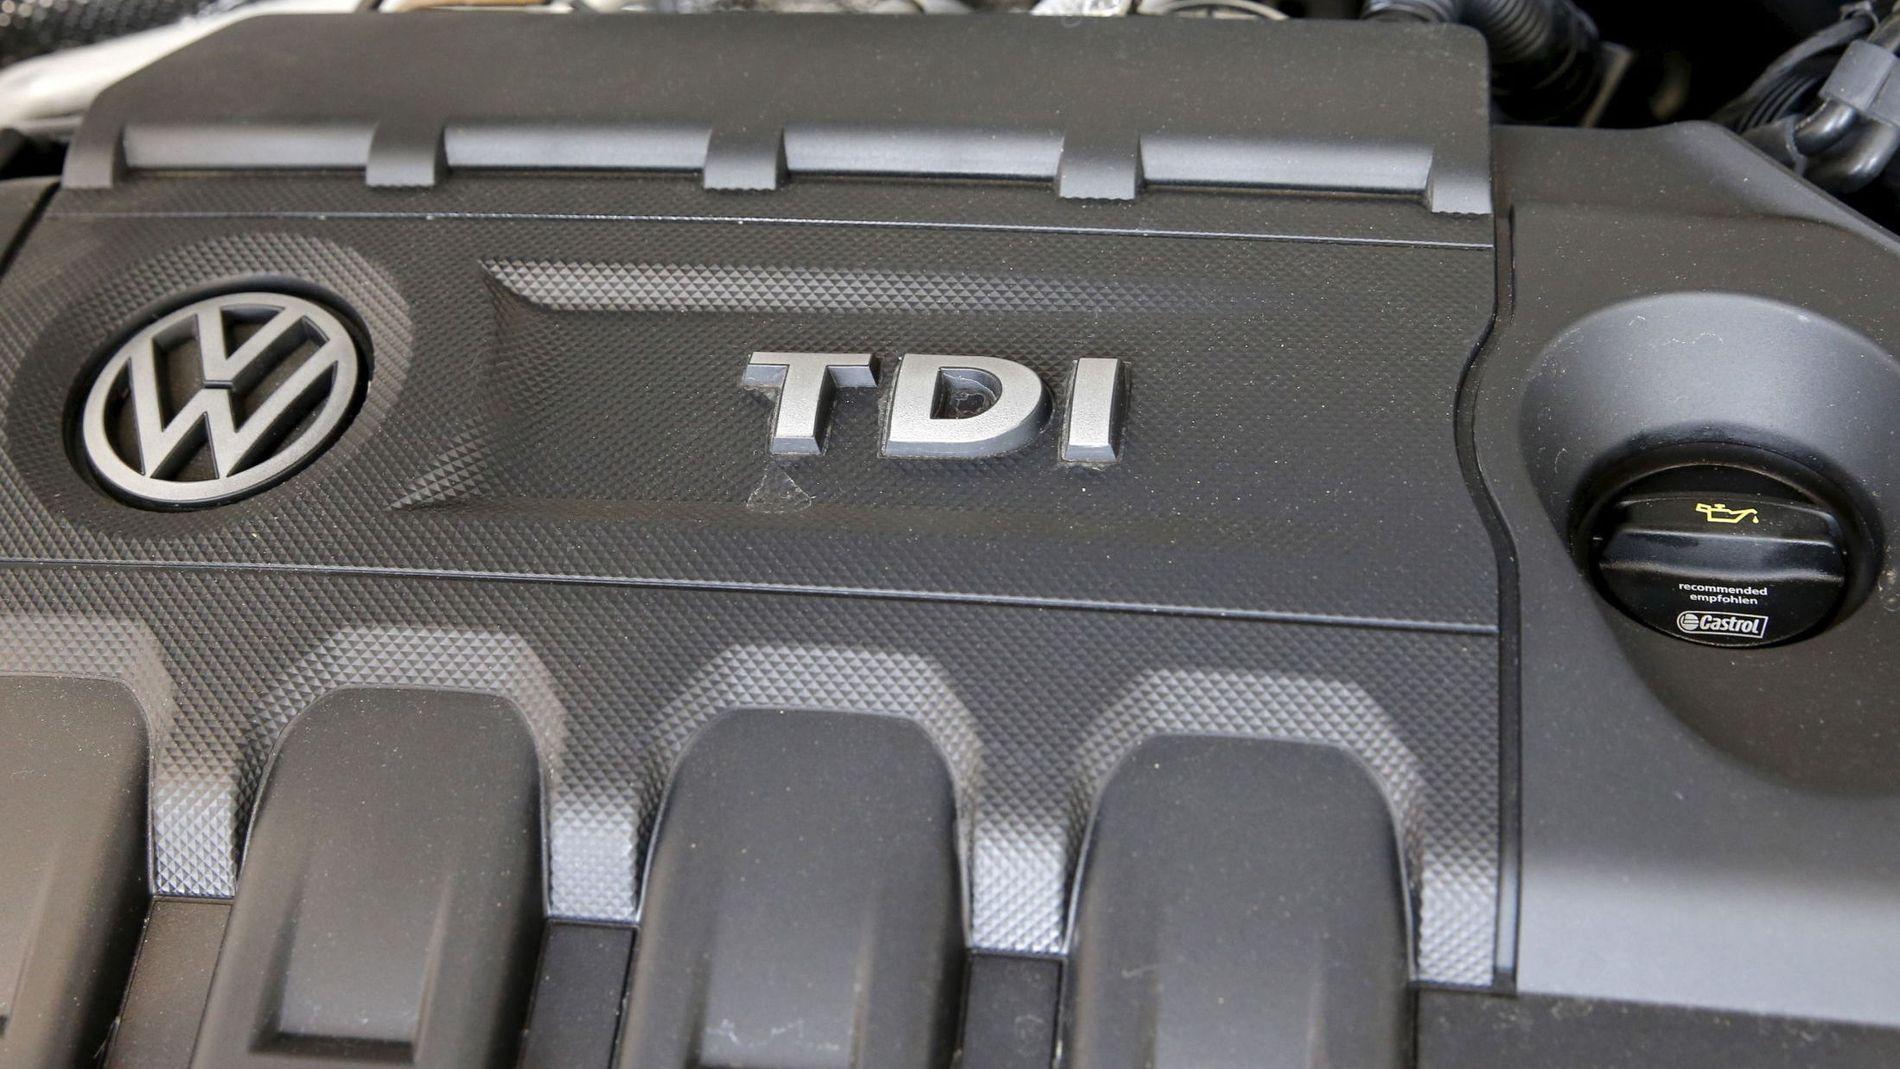 JUKS: Det er VWs 2.0 liters turbodieselmotor som skal ha hatt programvaren som lurte utslippstesten. Følgende modeller er rammet: VW Beetle, VW Jetta, VW Golf, VW Passat og Audi A3. (VW-konsernet eier Audi).